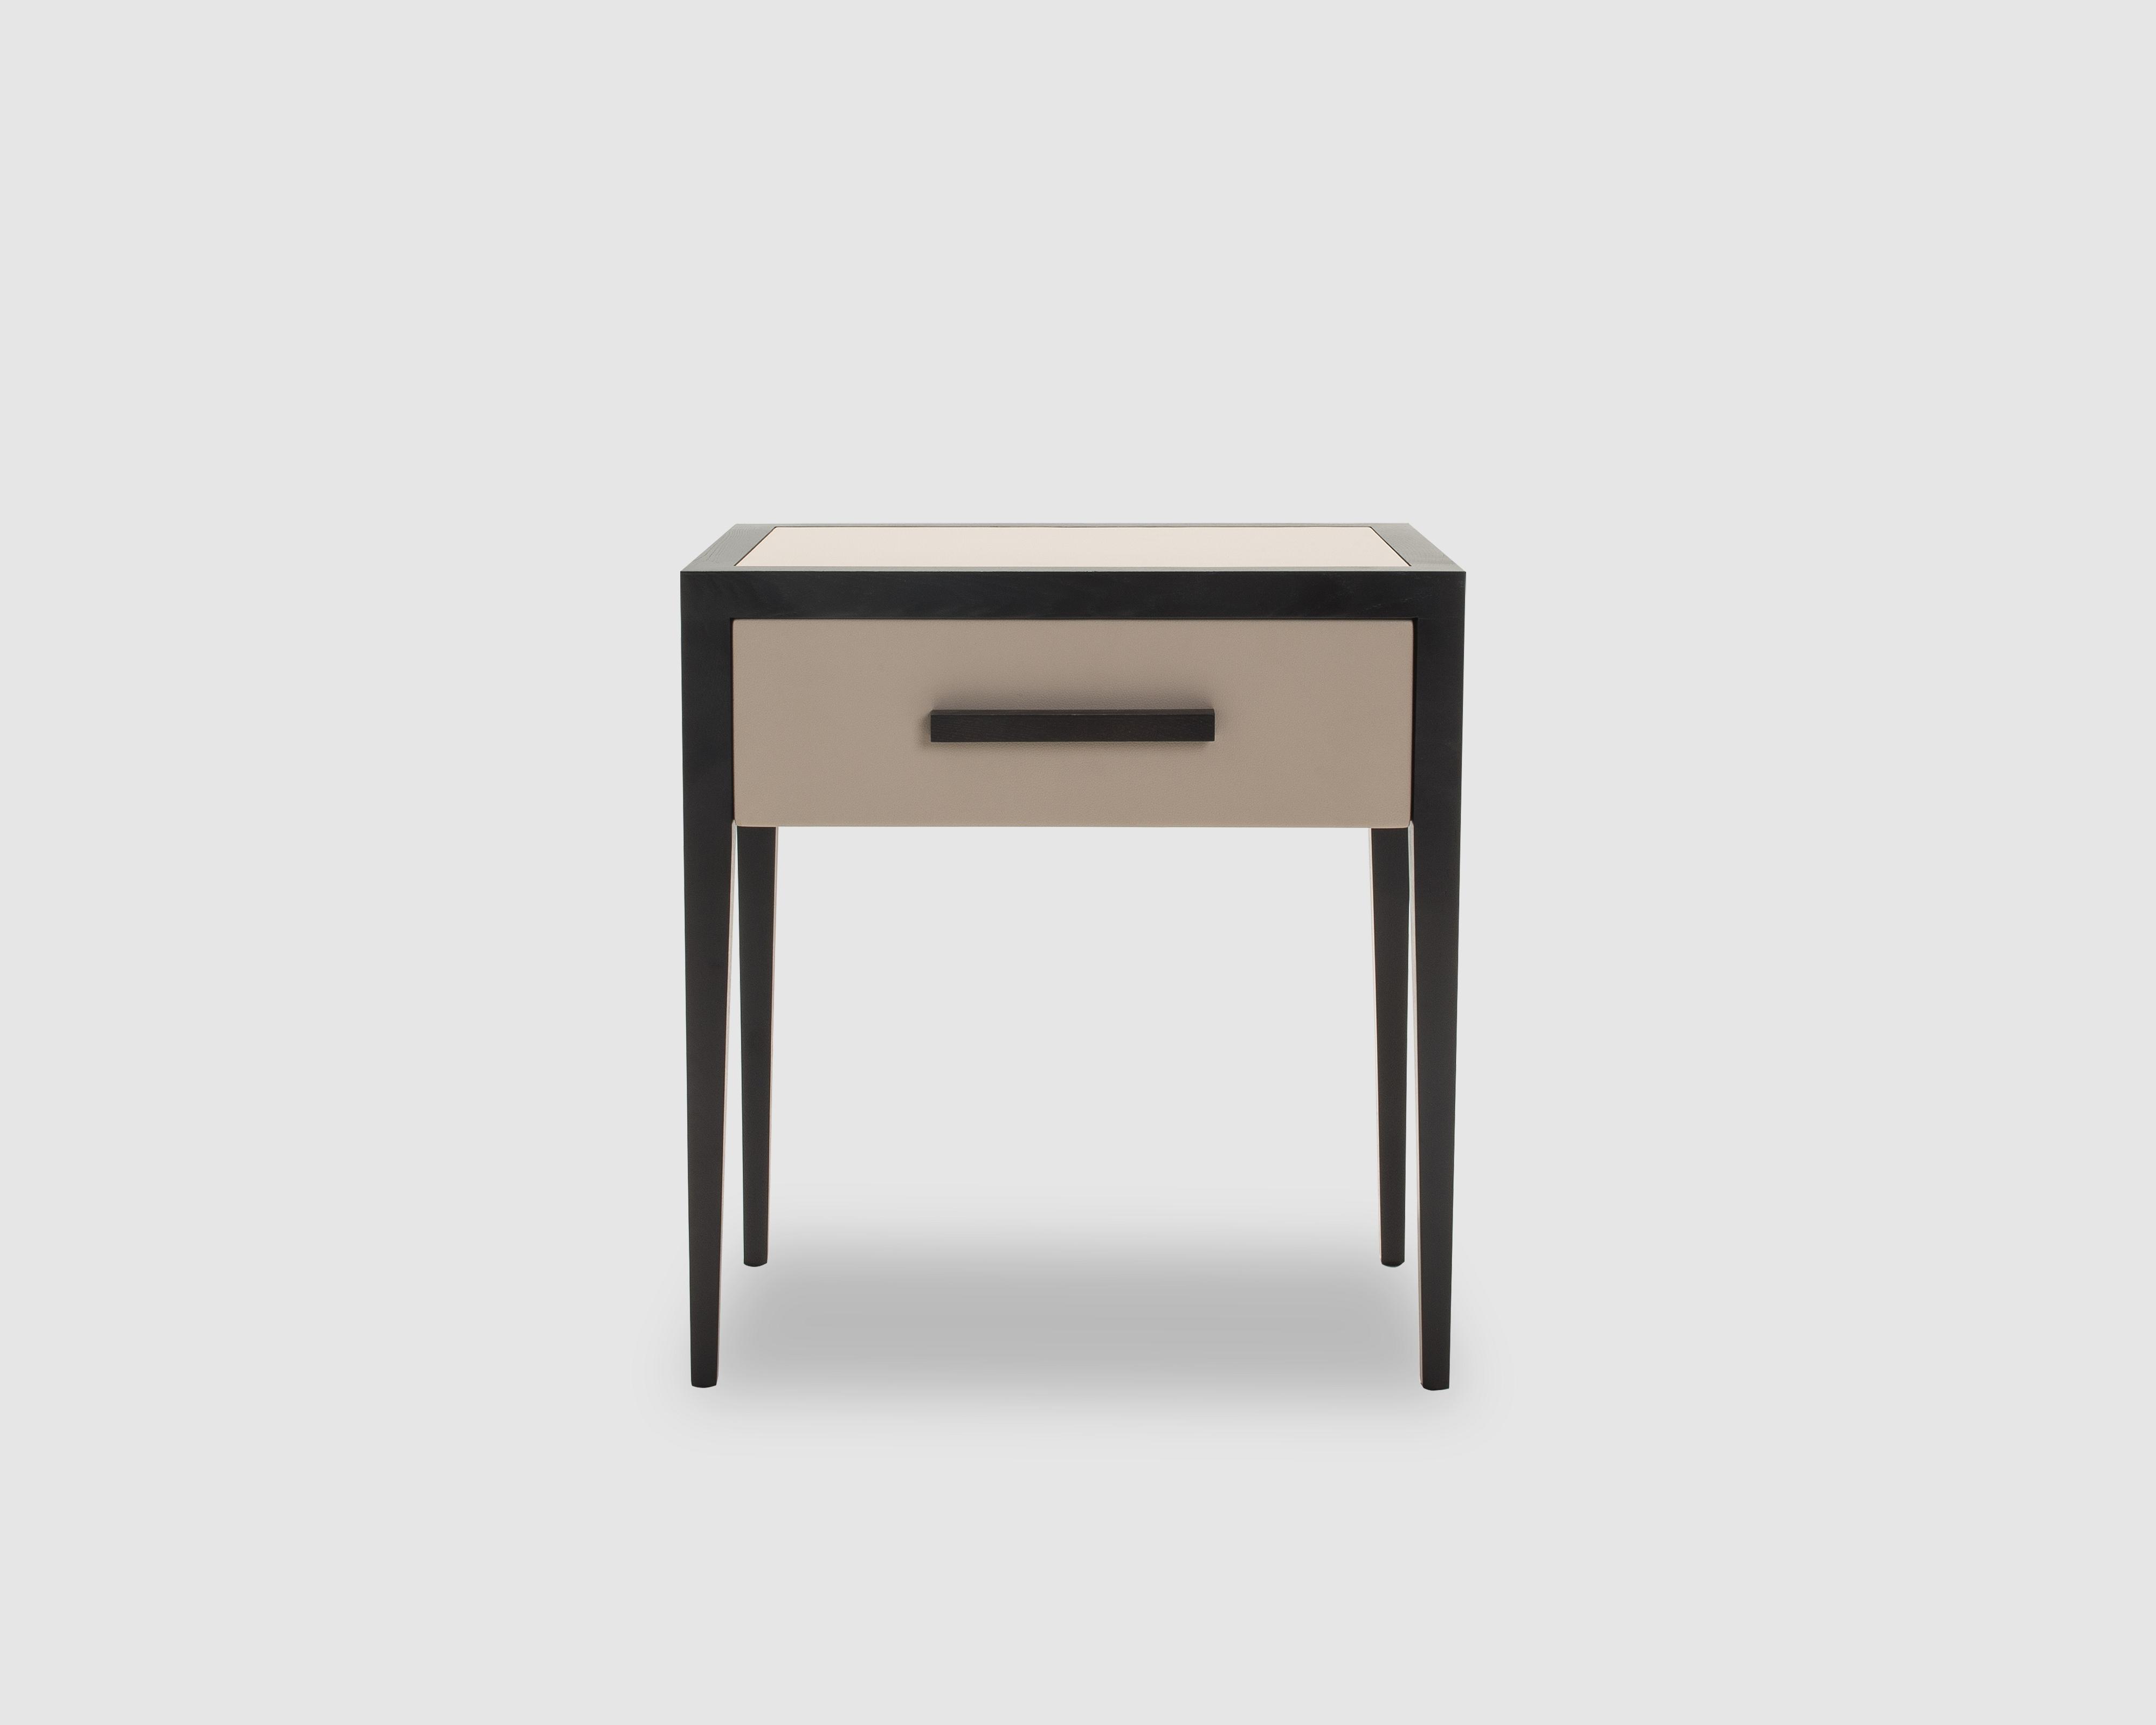 liang-eimil-liza-bedside-table-3